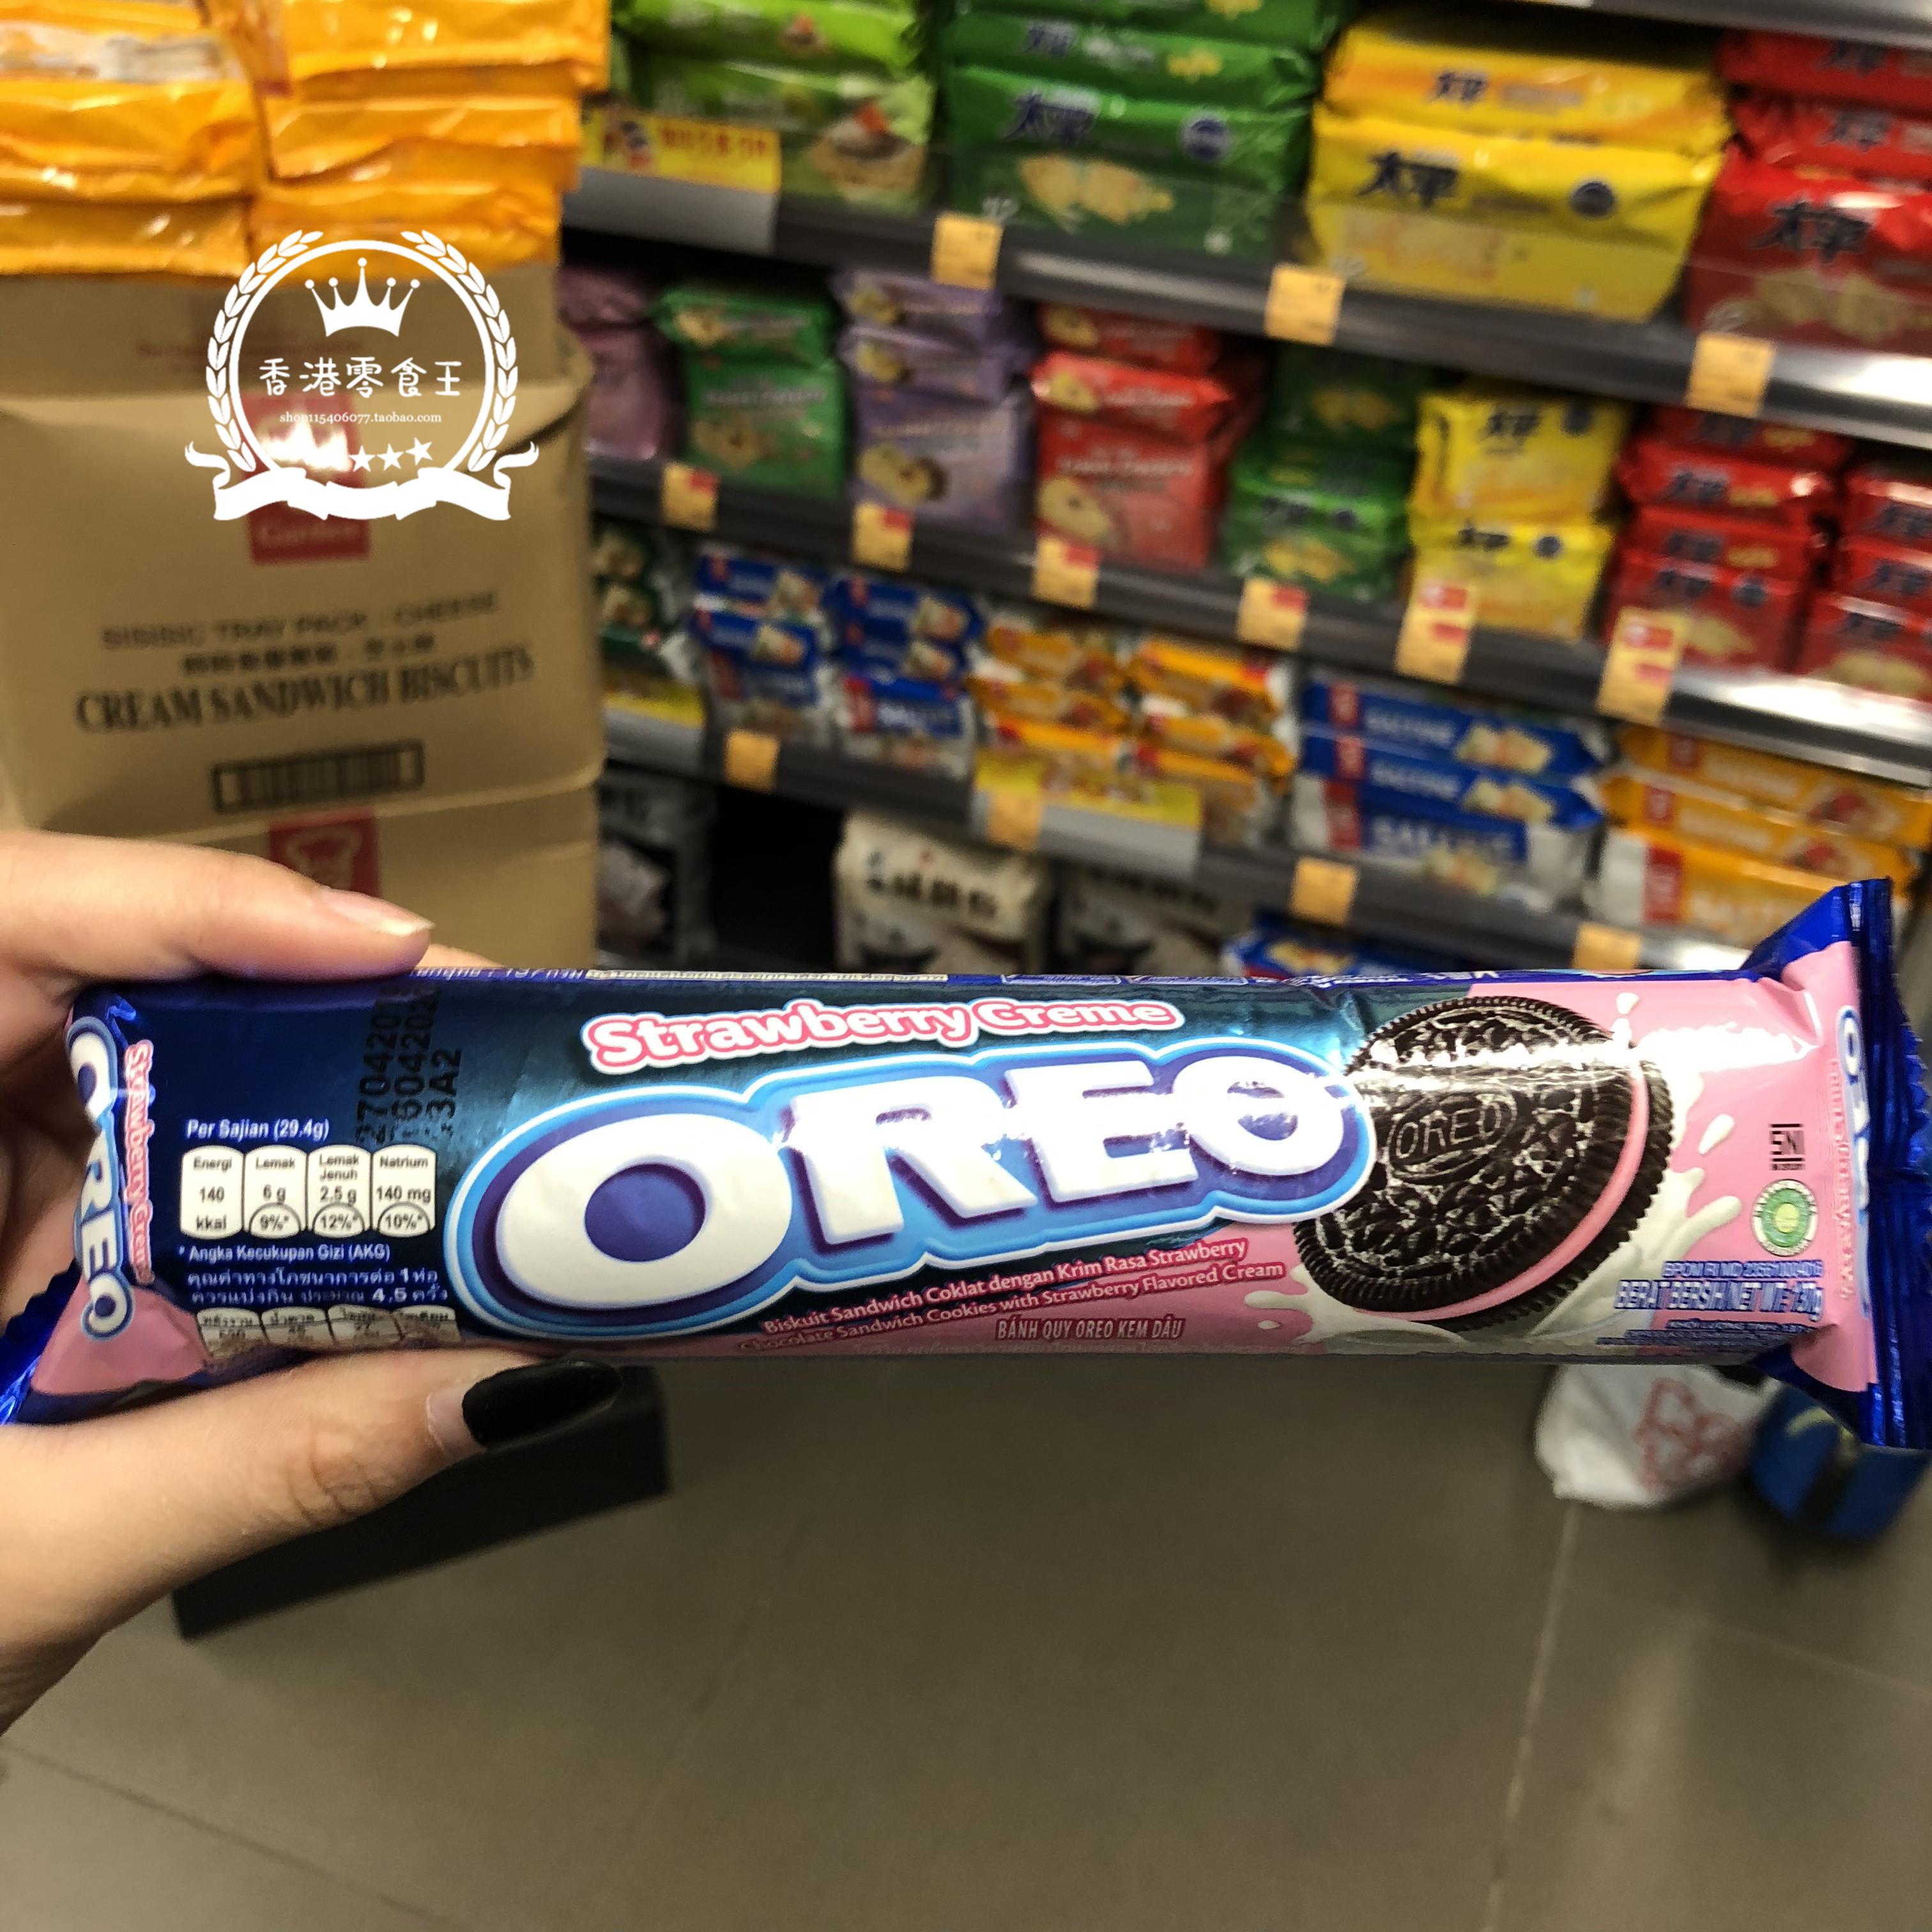 包邮澳洲进口ROEO奥利奥黑白夹心牛奶巧克力曲奇饼干137g多味可选